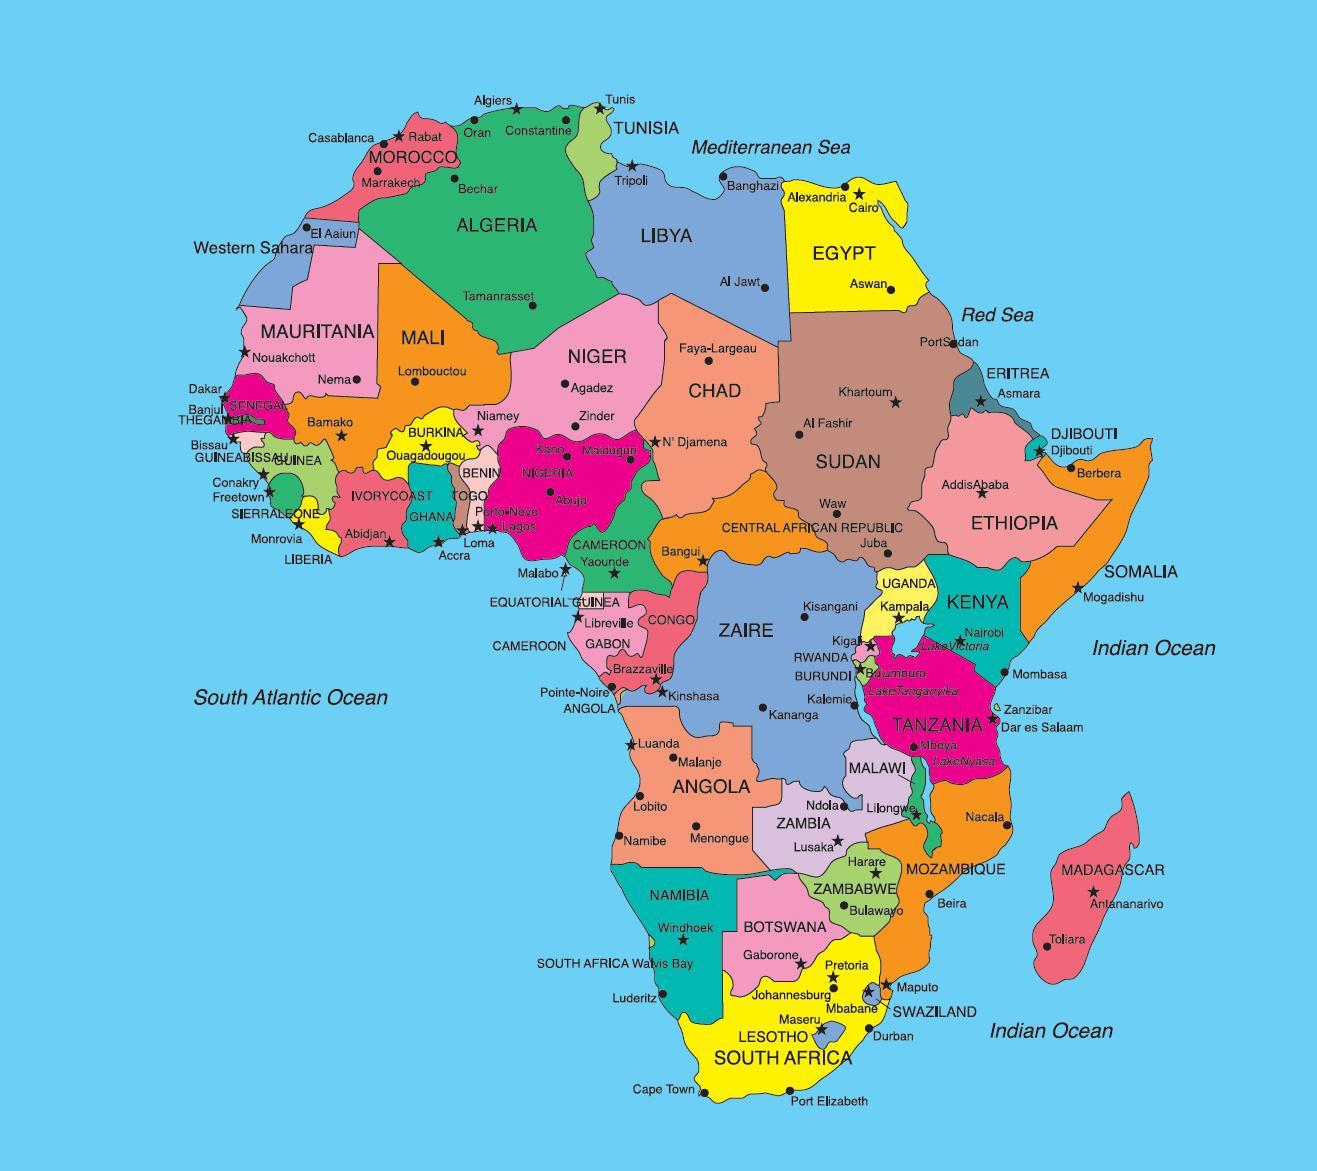 Africa Politica Cartina In Italiano.Parti Populiste Cartina Europa Politica Con Stati E Capitali